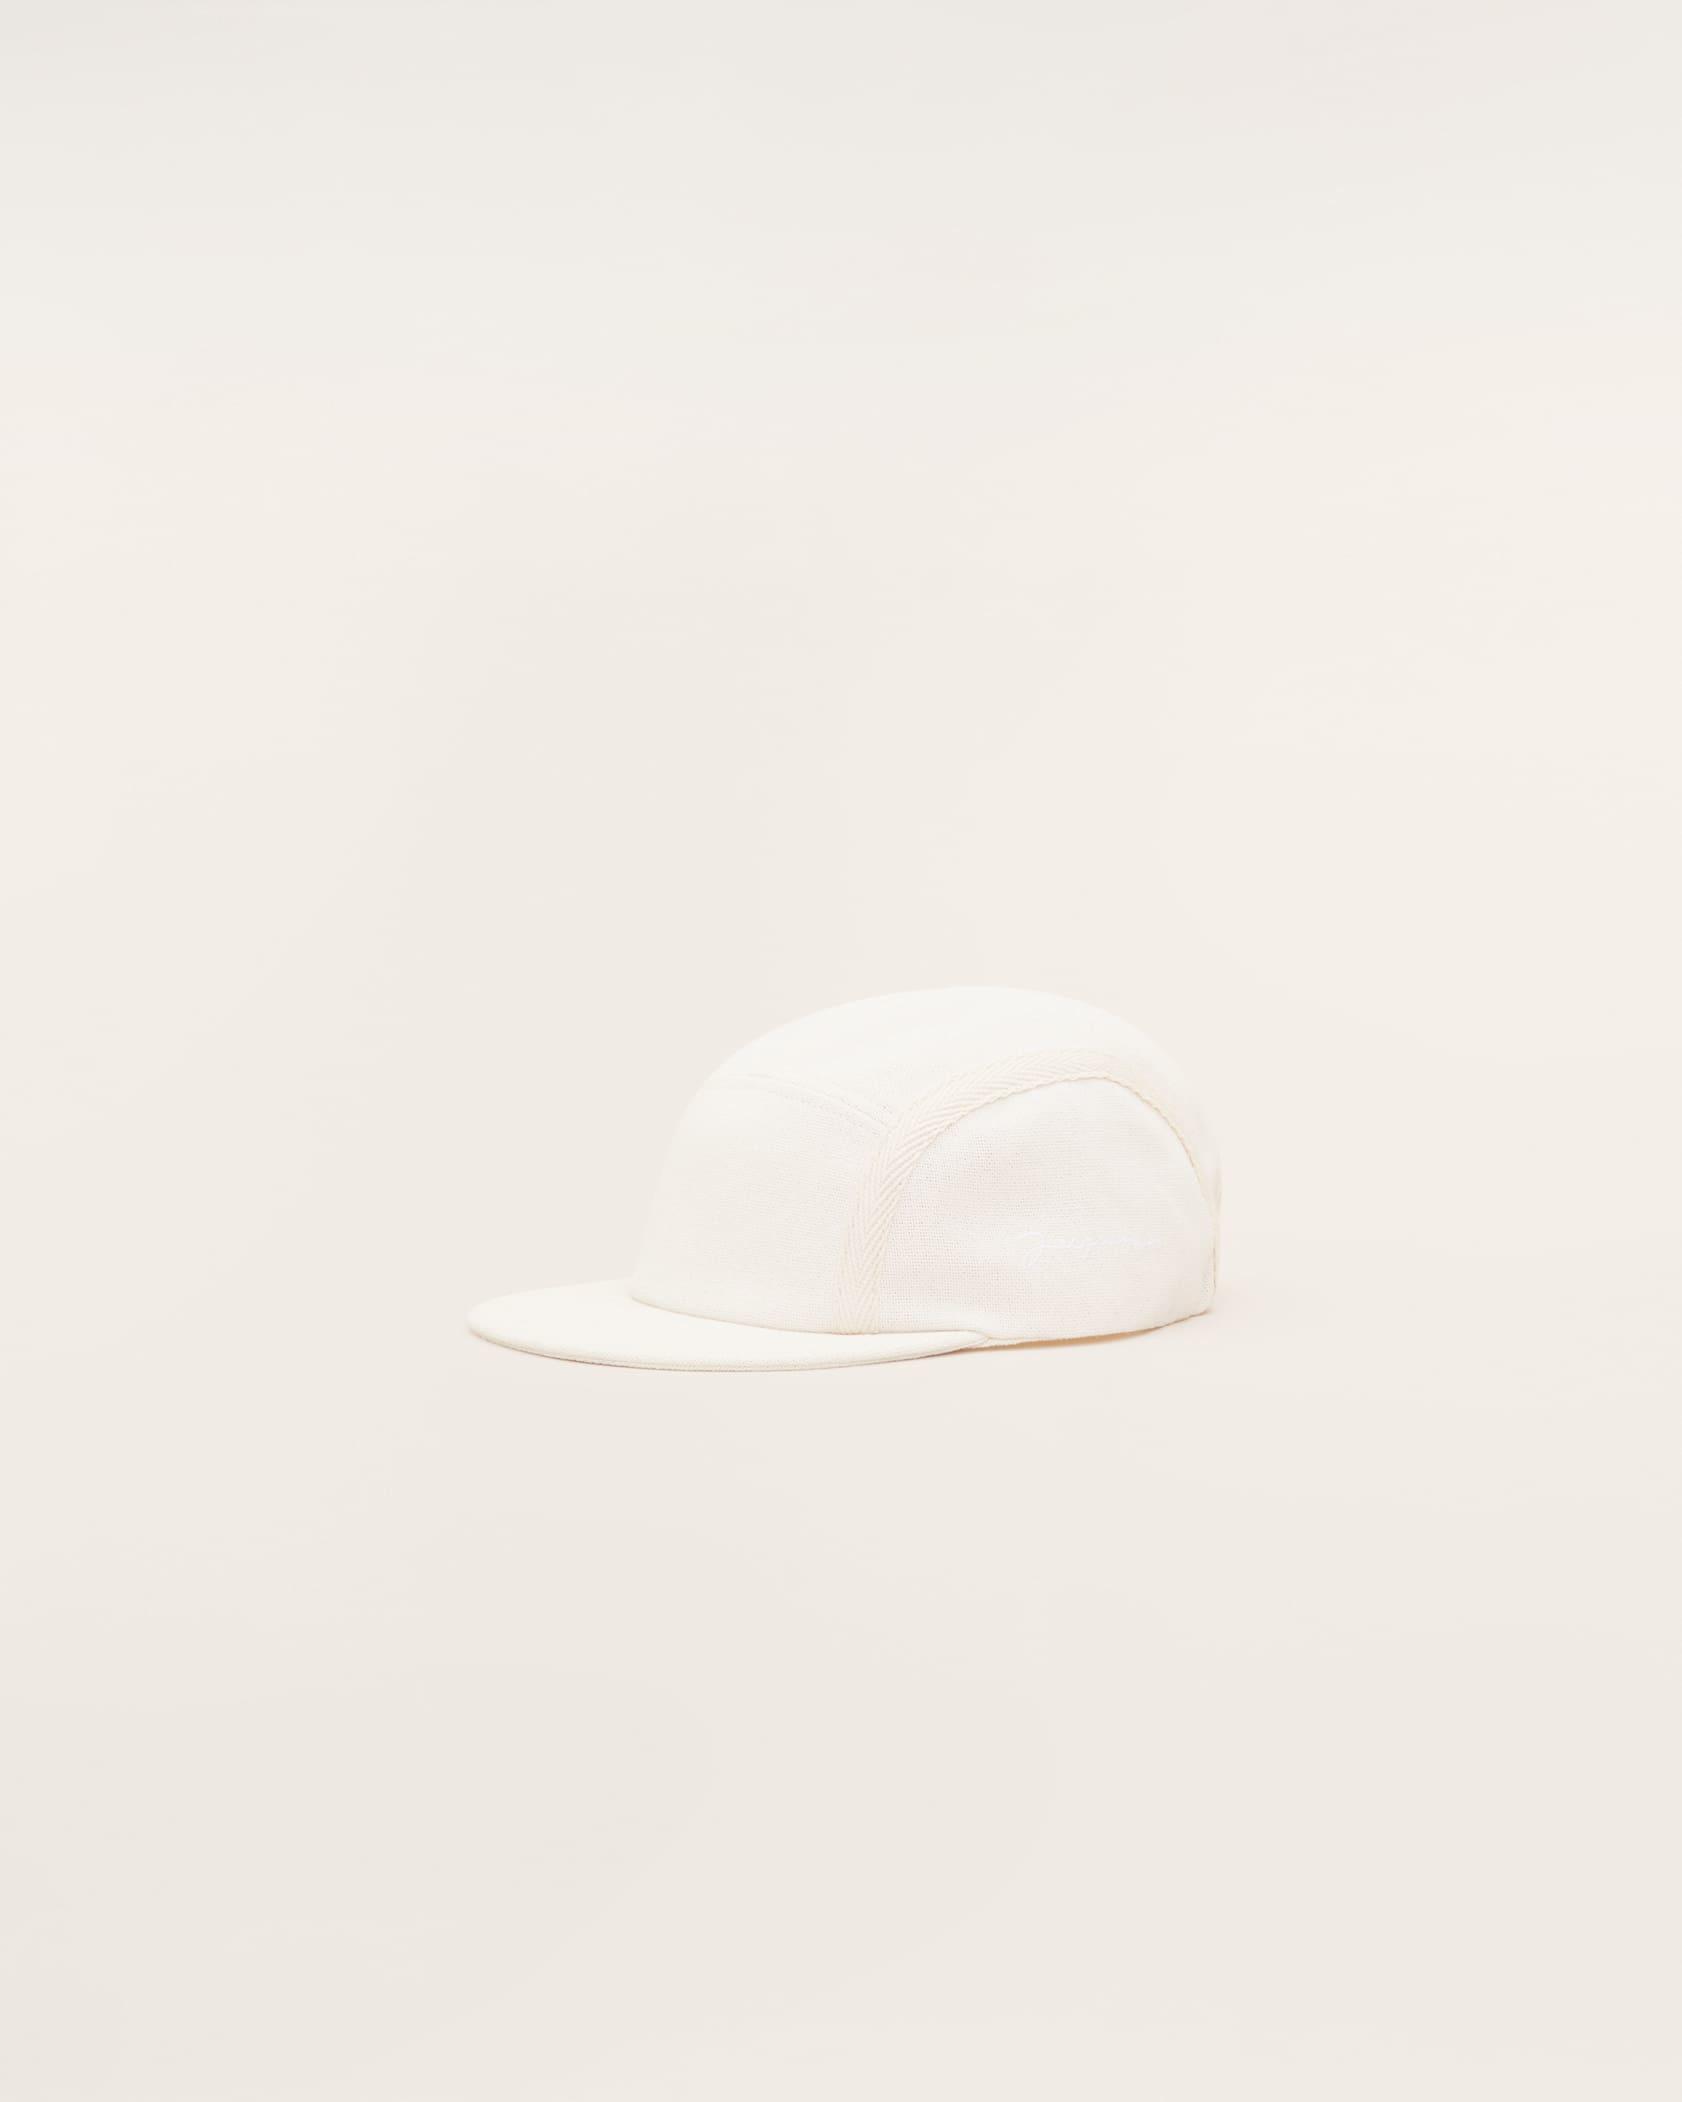 La casquette Grain